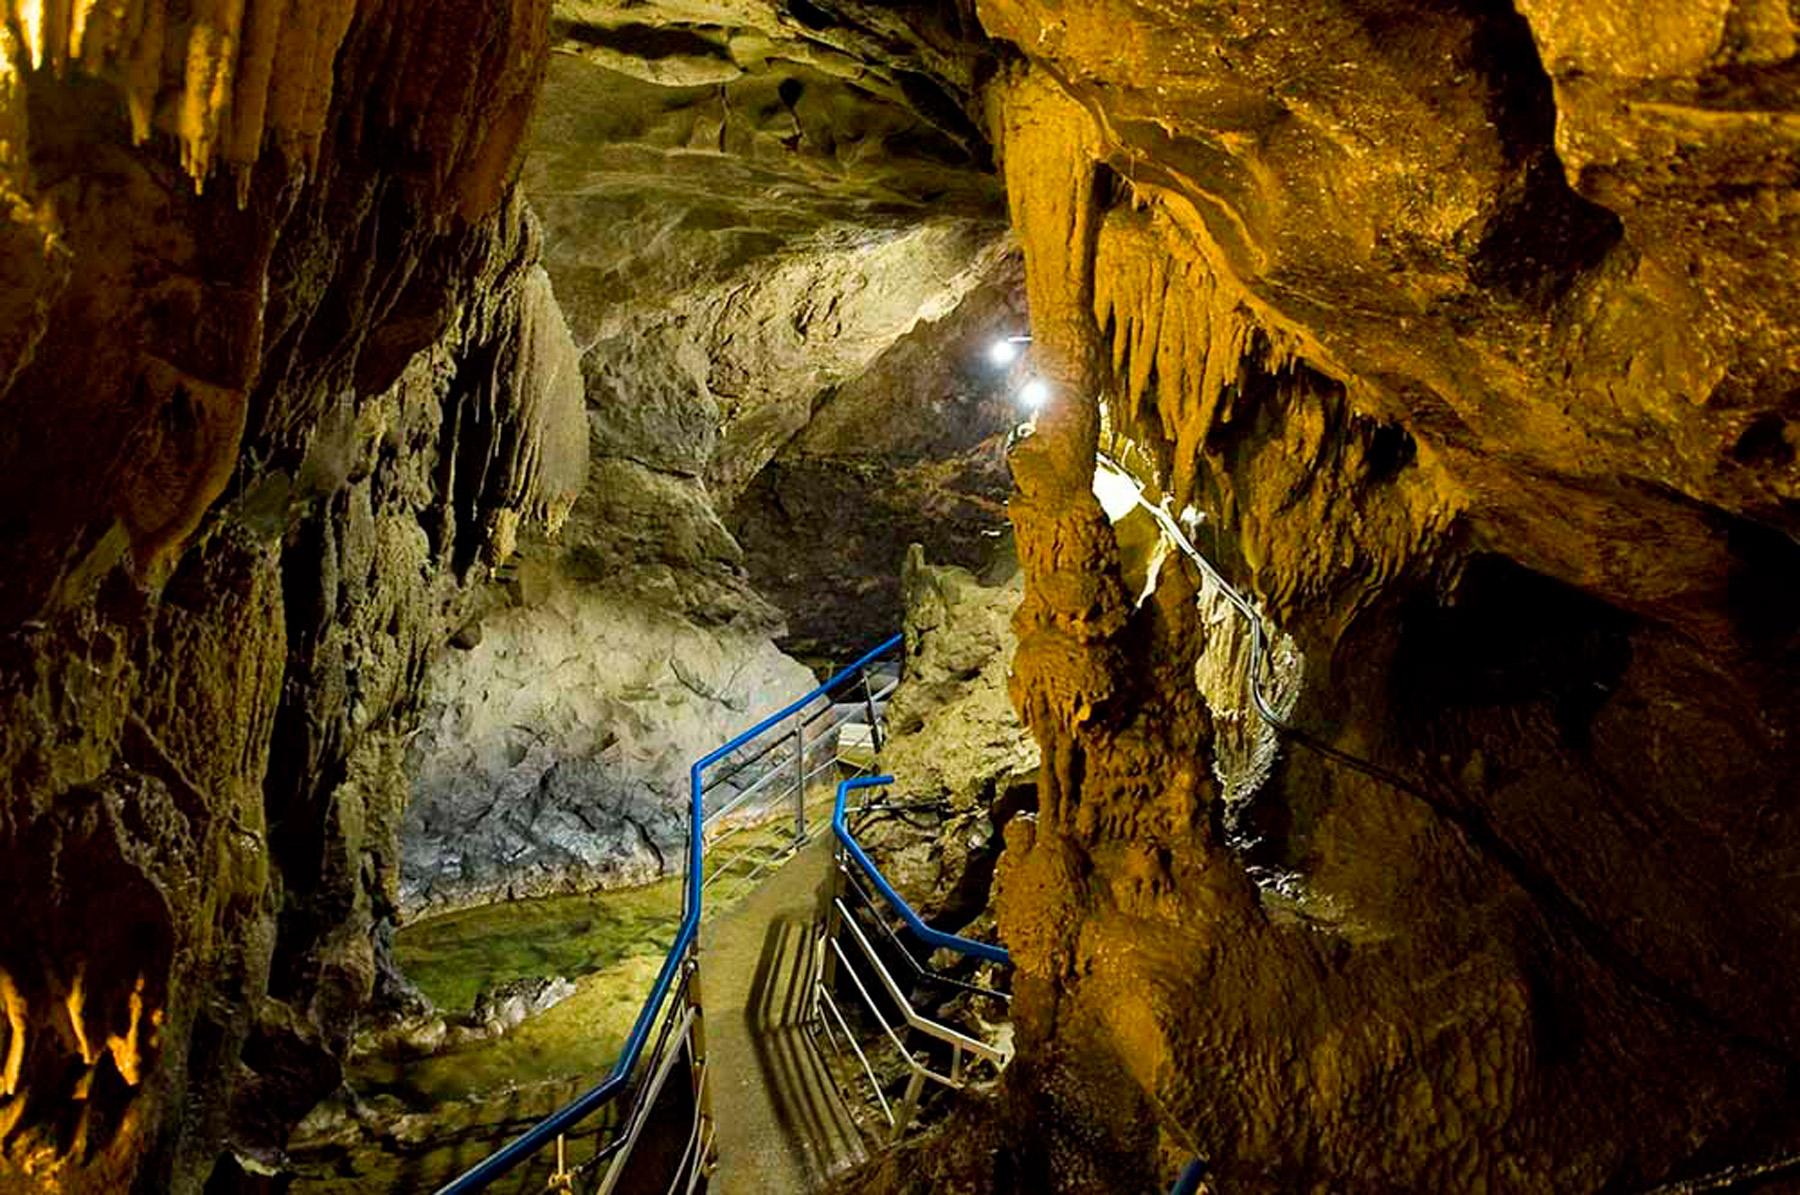 histoire du tourisme souterrain tourisme-riviere-souterraine-labouiche-ariege-foix